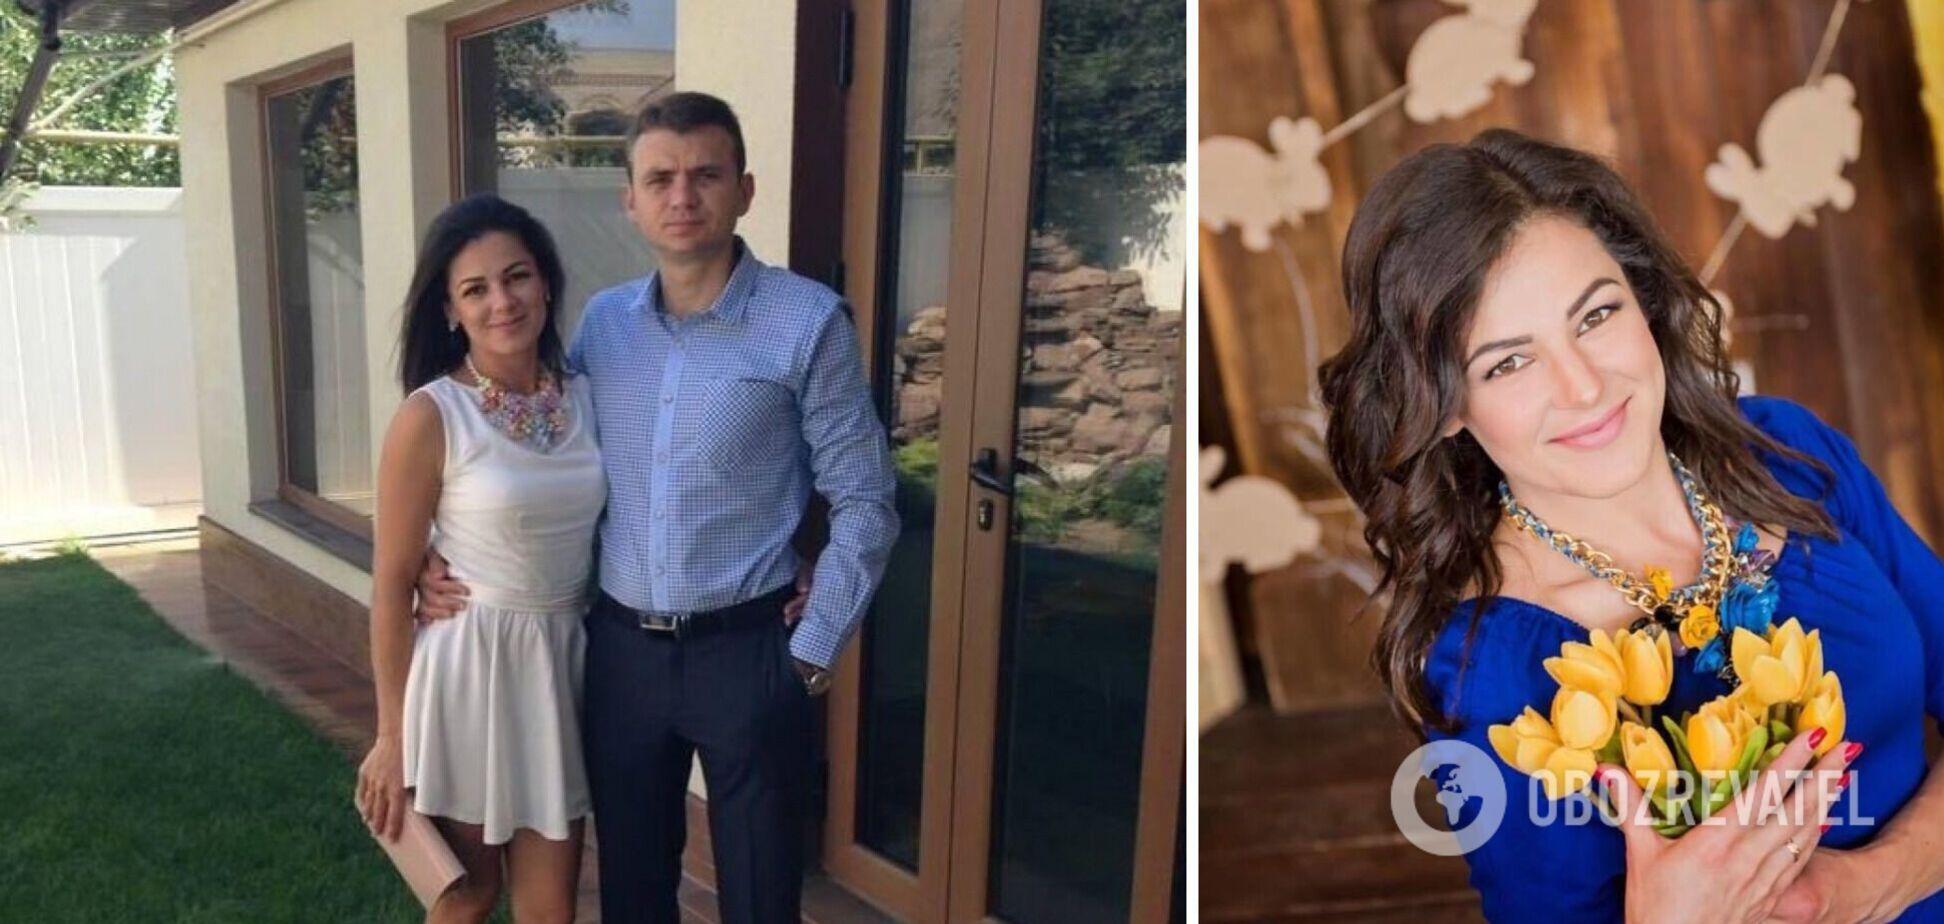 33-летняя Кристина Ивануна, вероятно, совершила самоубийство